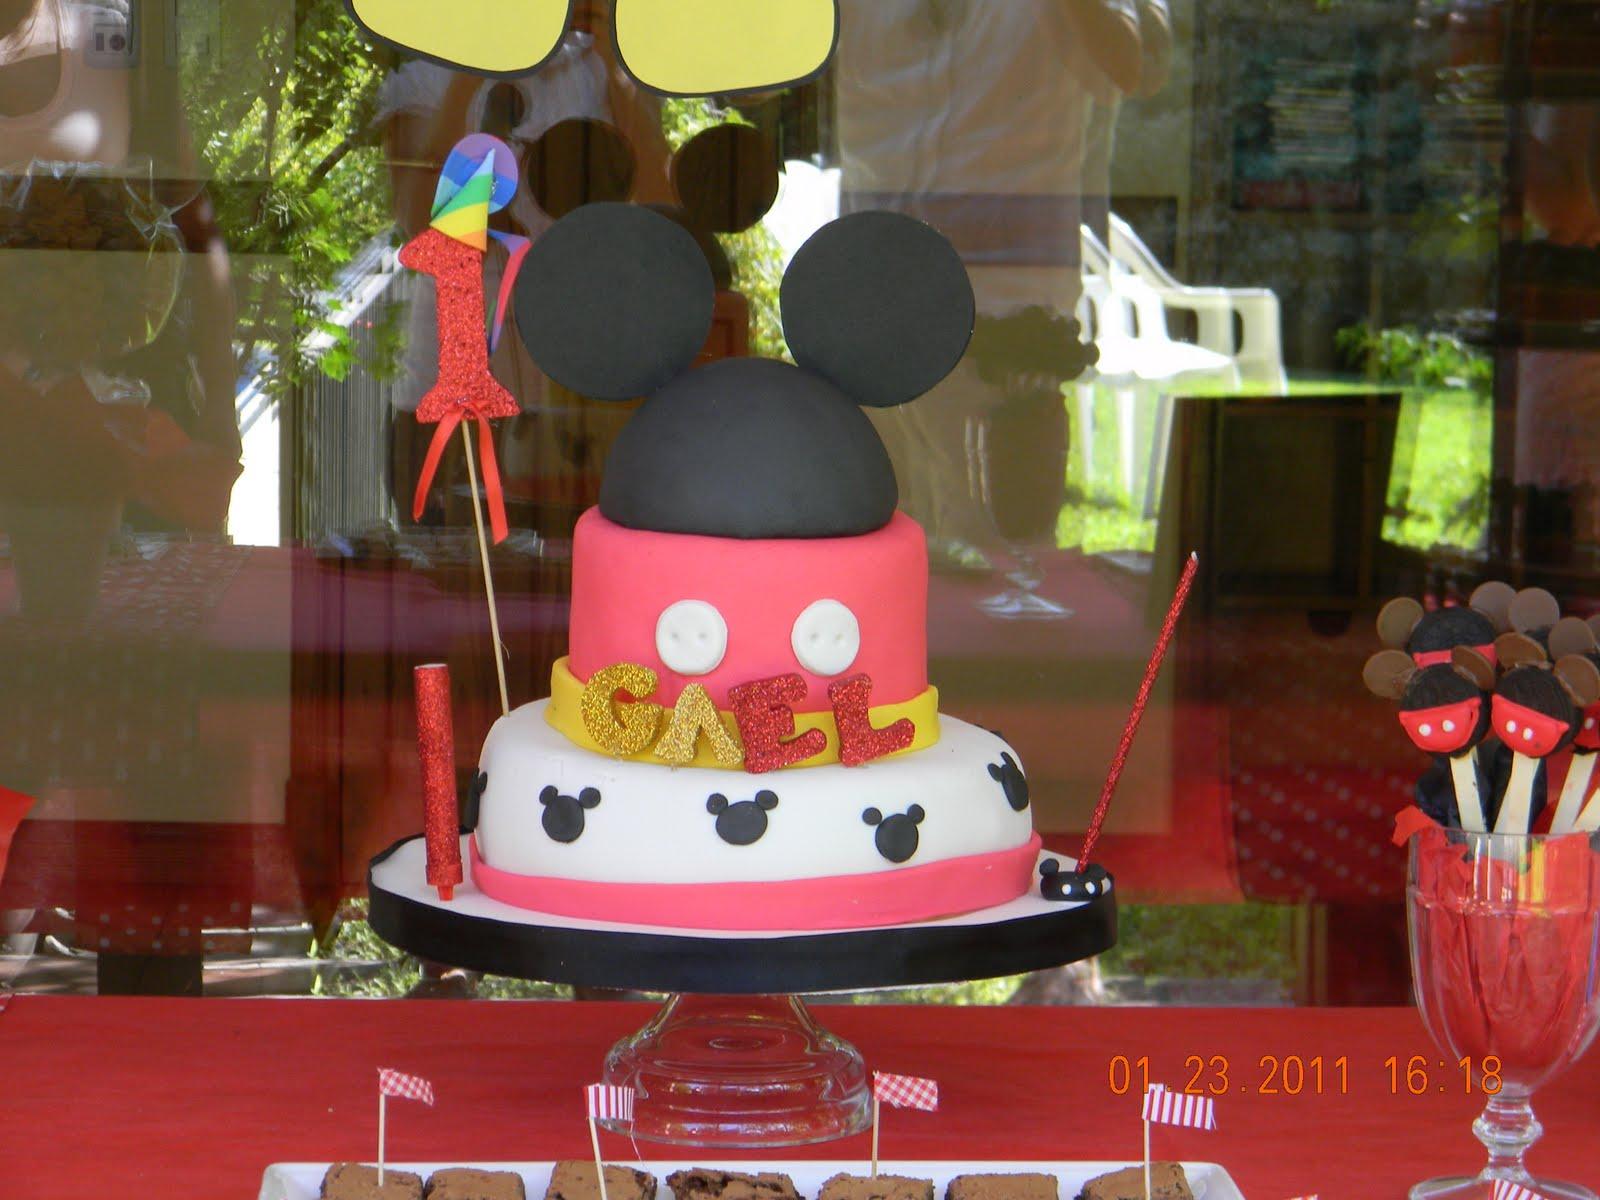 Fotos de Mickey Mouse - Imágenes Fotos - Fotografía y